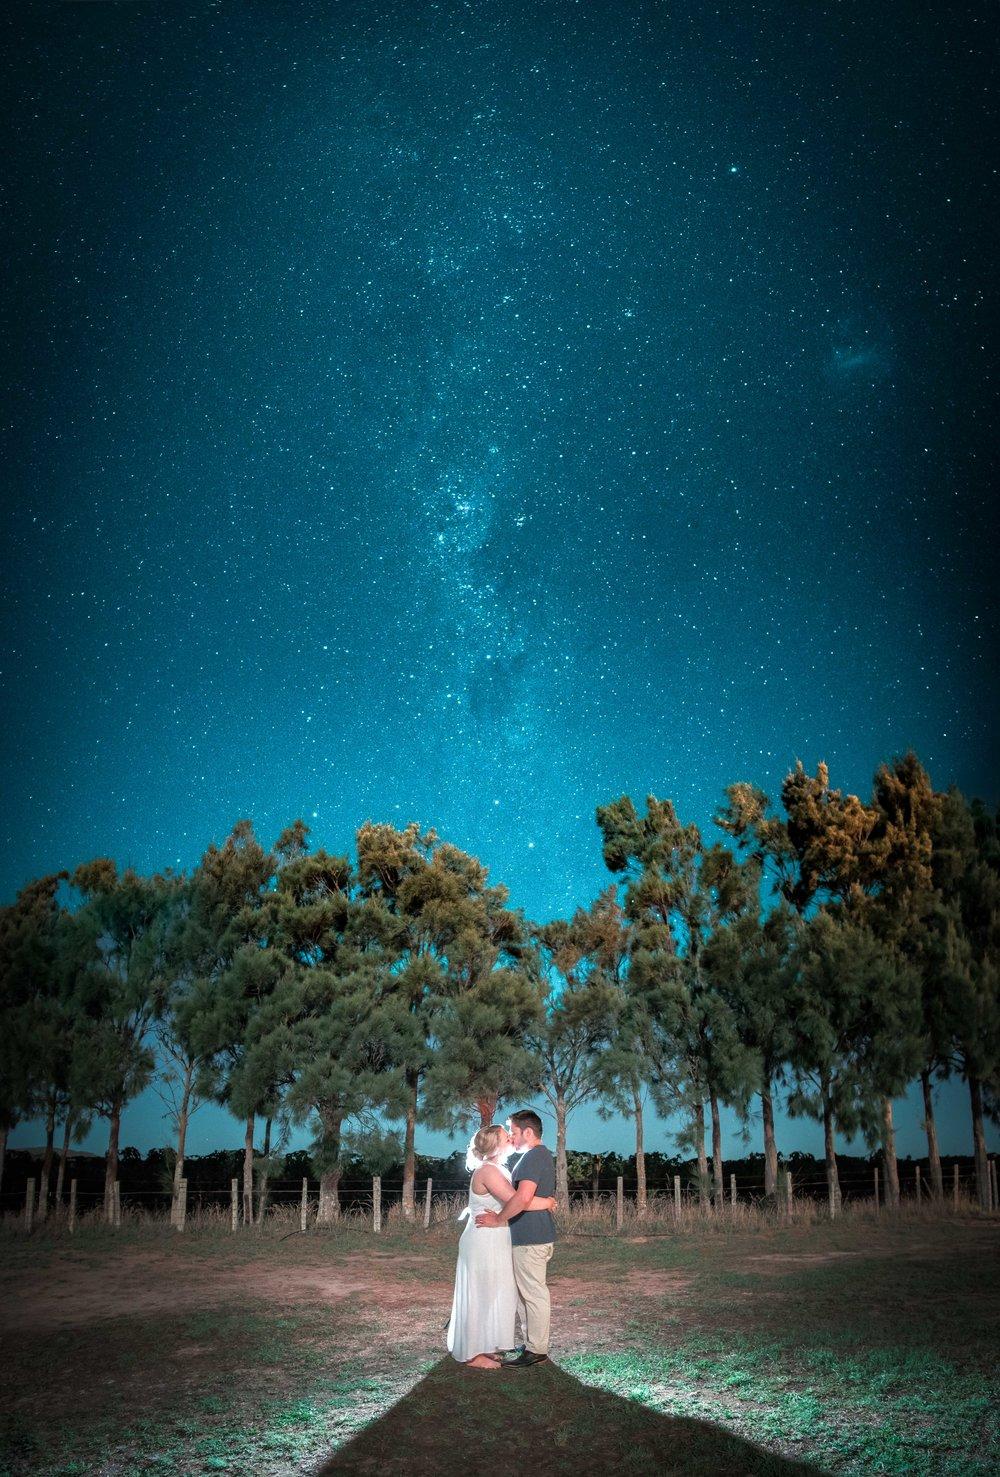 Kate & Zaf Astro 1-Edit.jpg